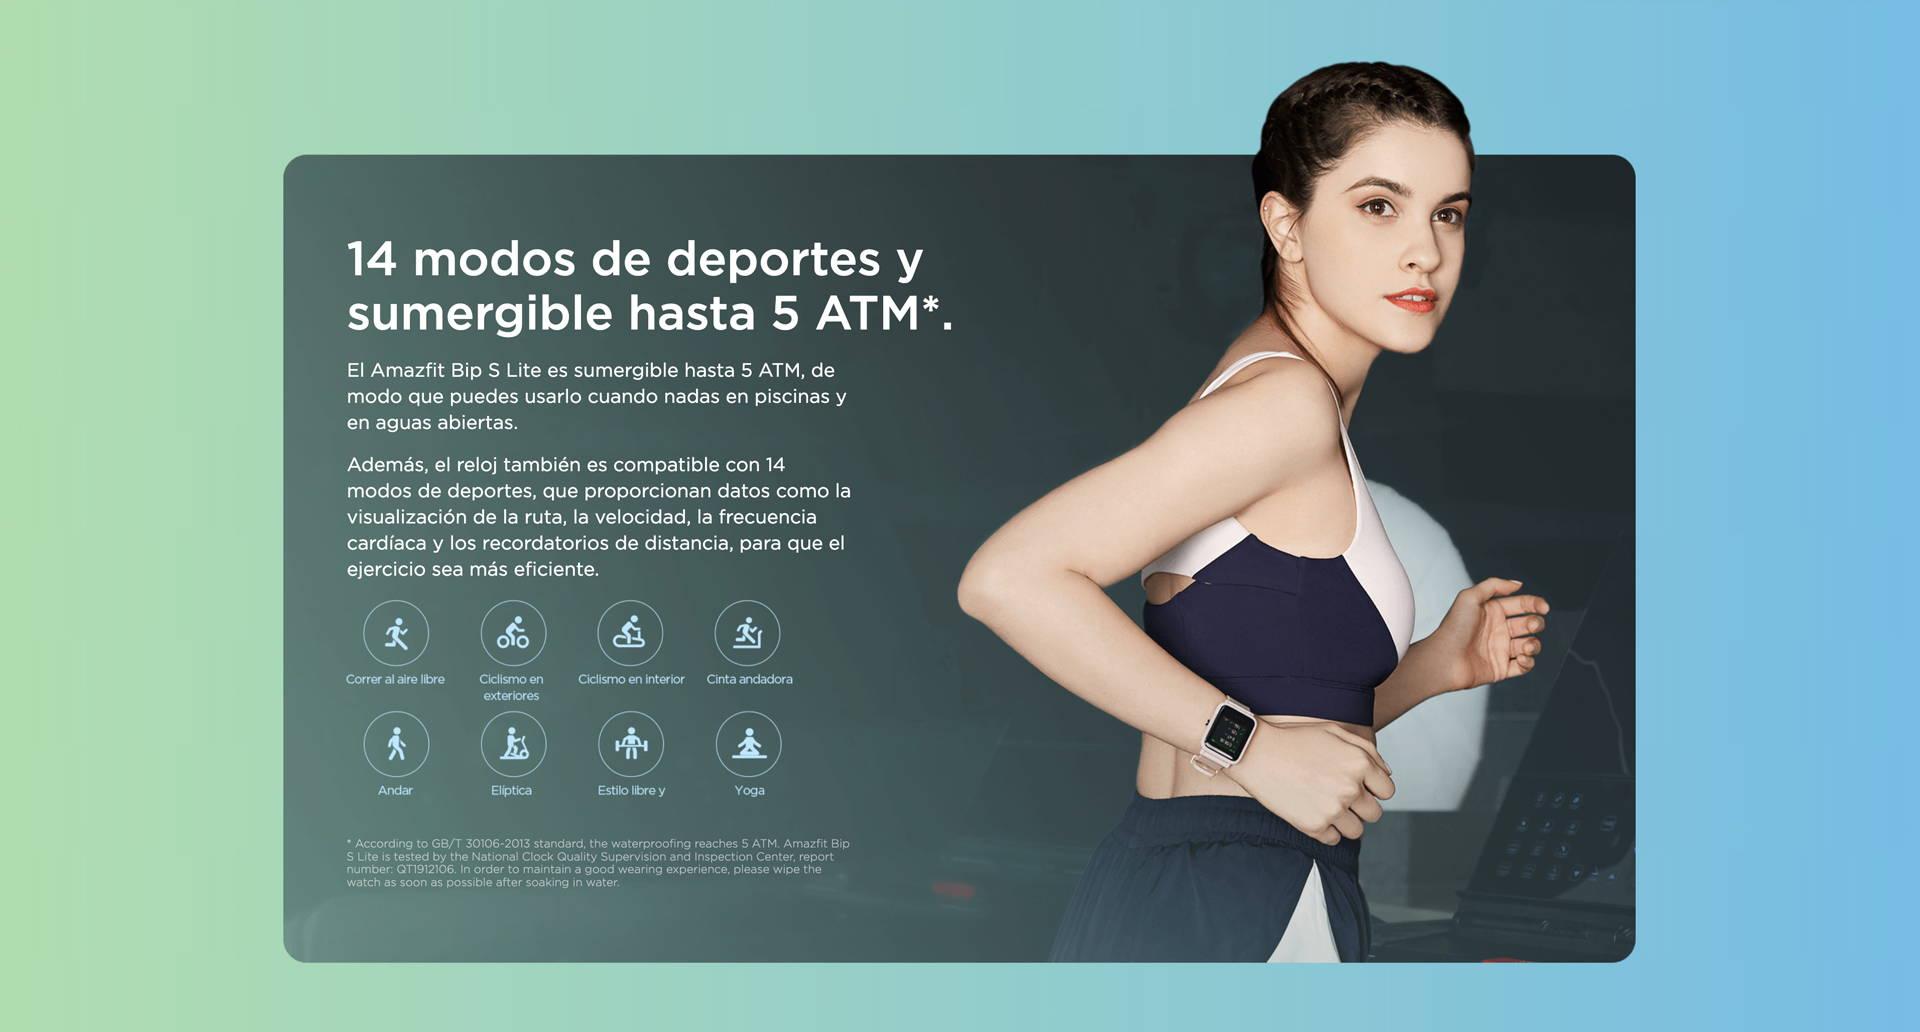 Amazfit ES - Amazfit Bip S Lite - 8 modos de deportes y sumergible hasta 5 ATM.